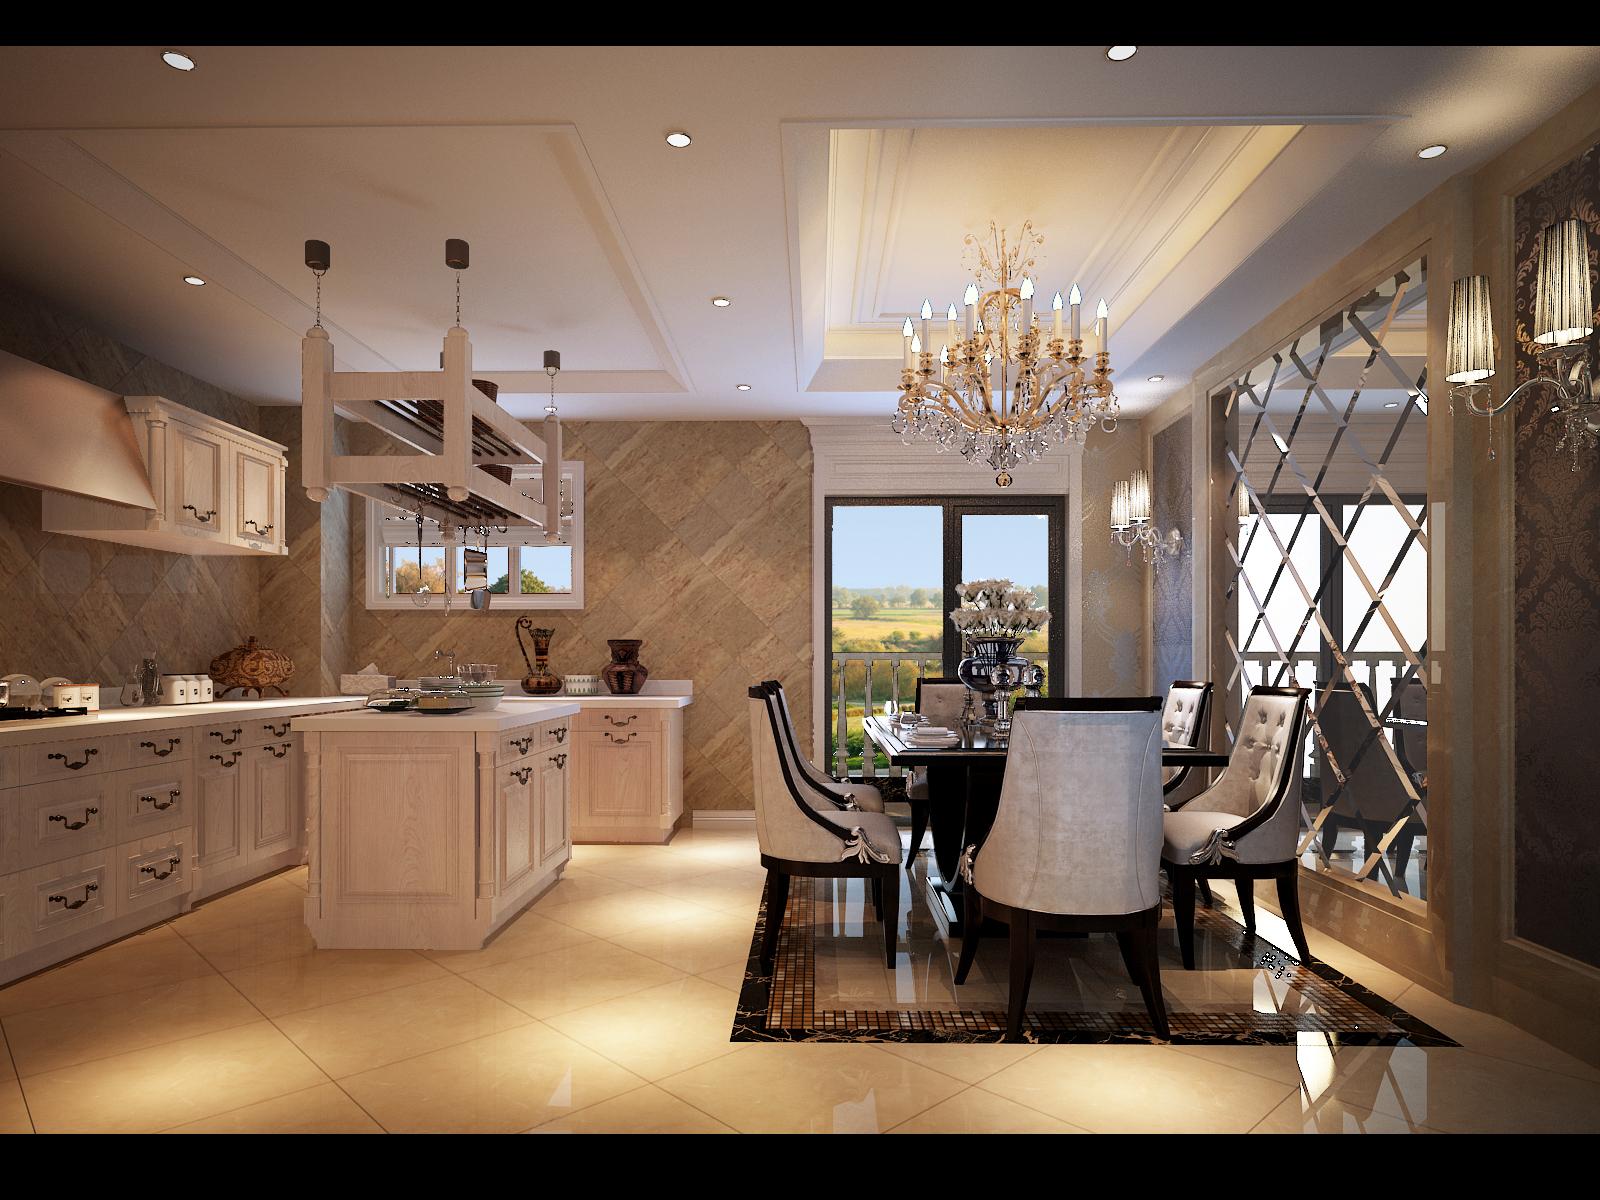 简约 欧式 田园 混搭 二居 三居 白领 旧房改造 别墅 厨房图片来自用户3304141514在信息学院的分享